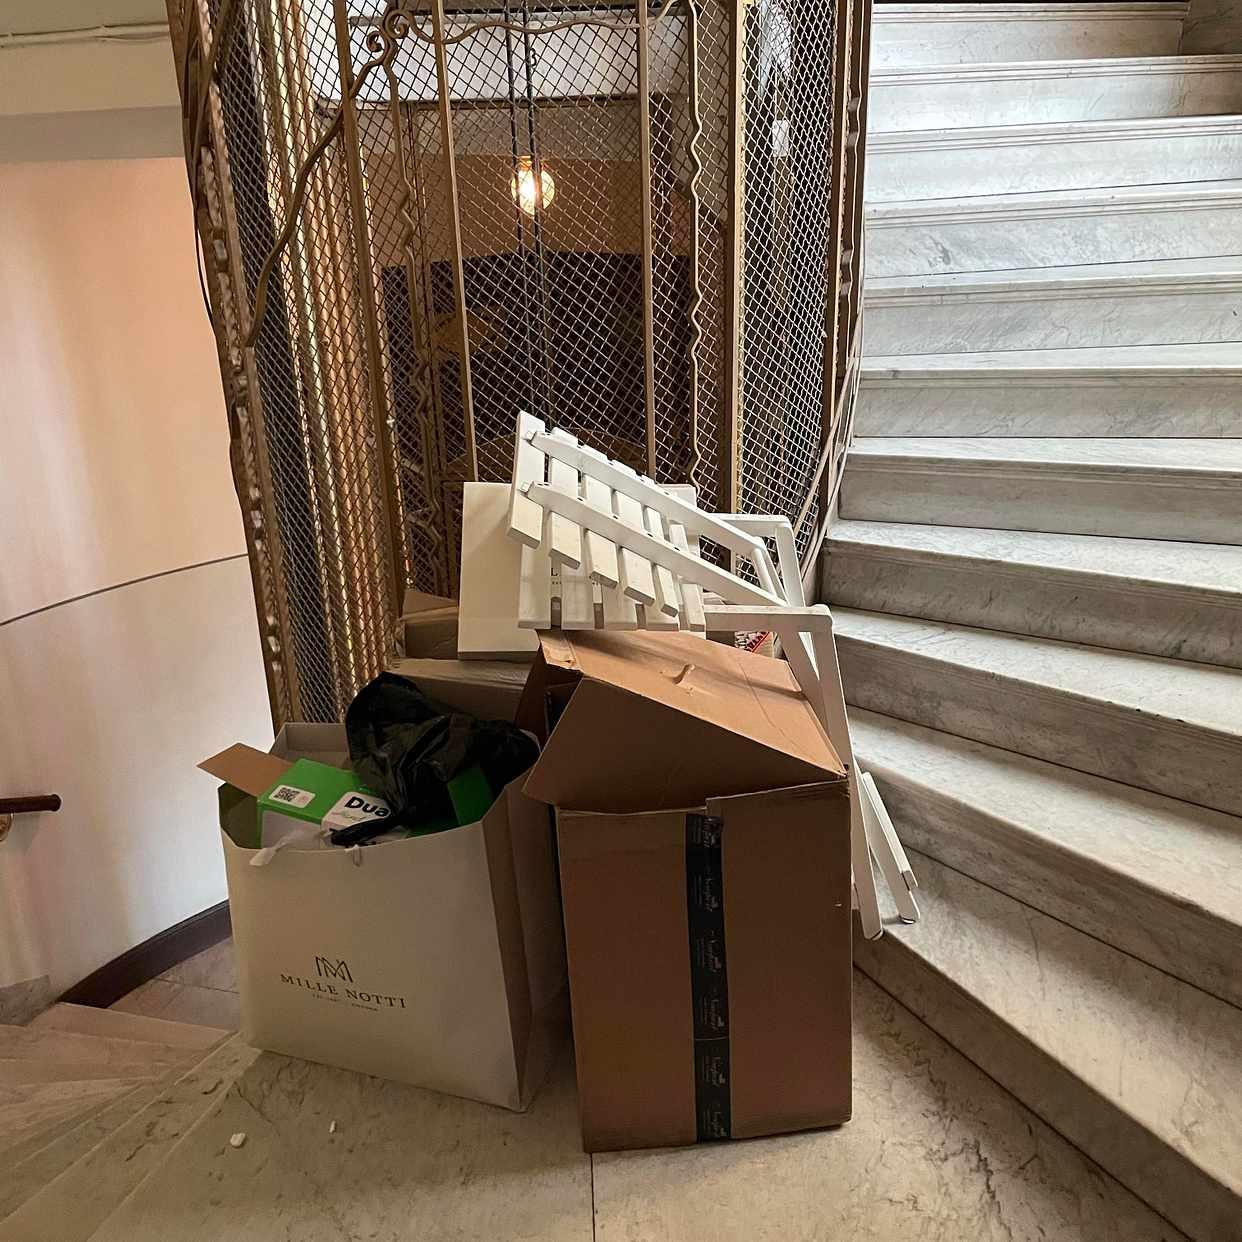 image of Littke garbage - Stockholm